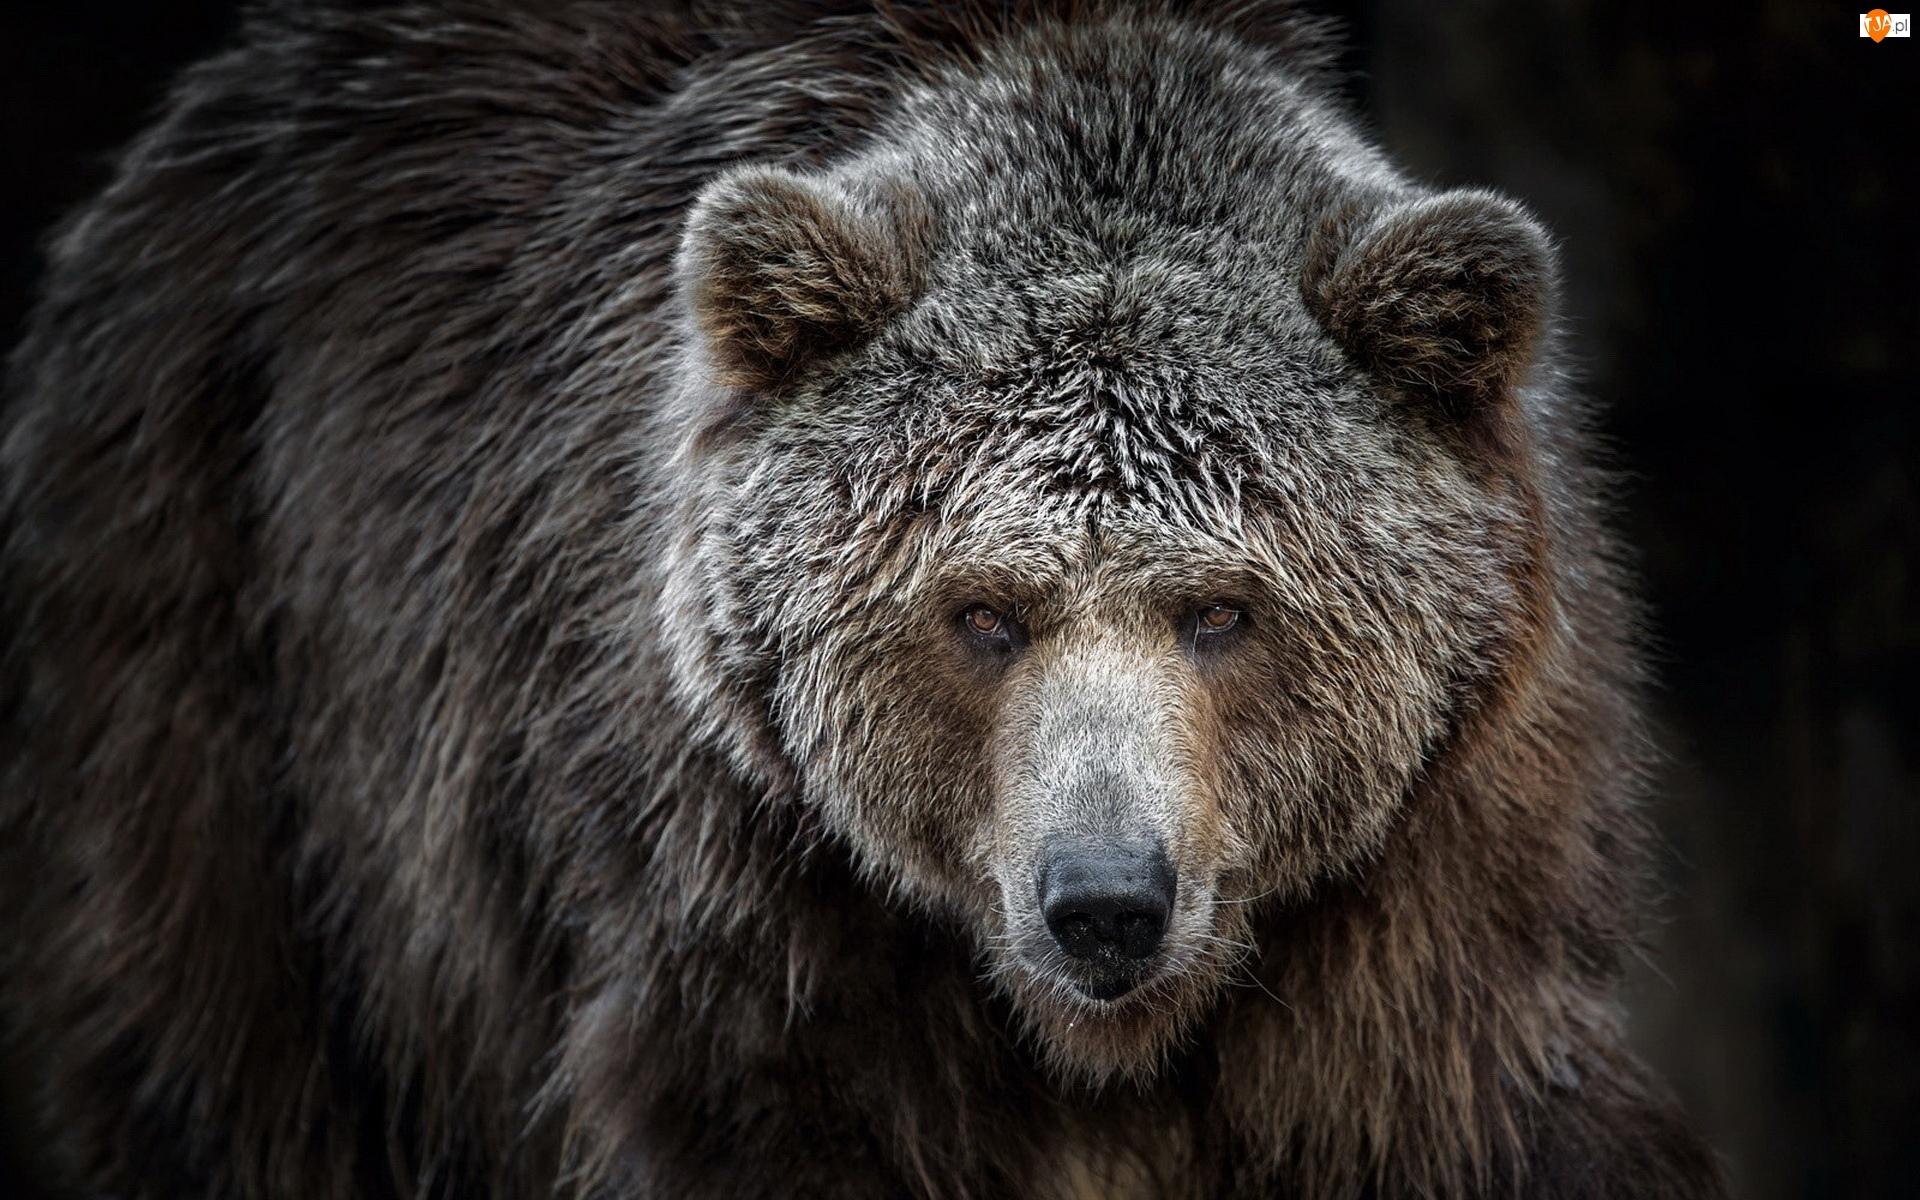 Niedźwiedź, Głowa